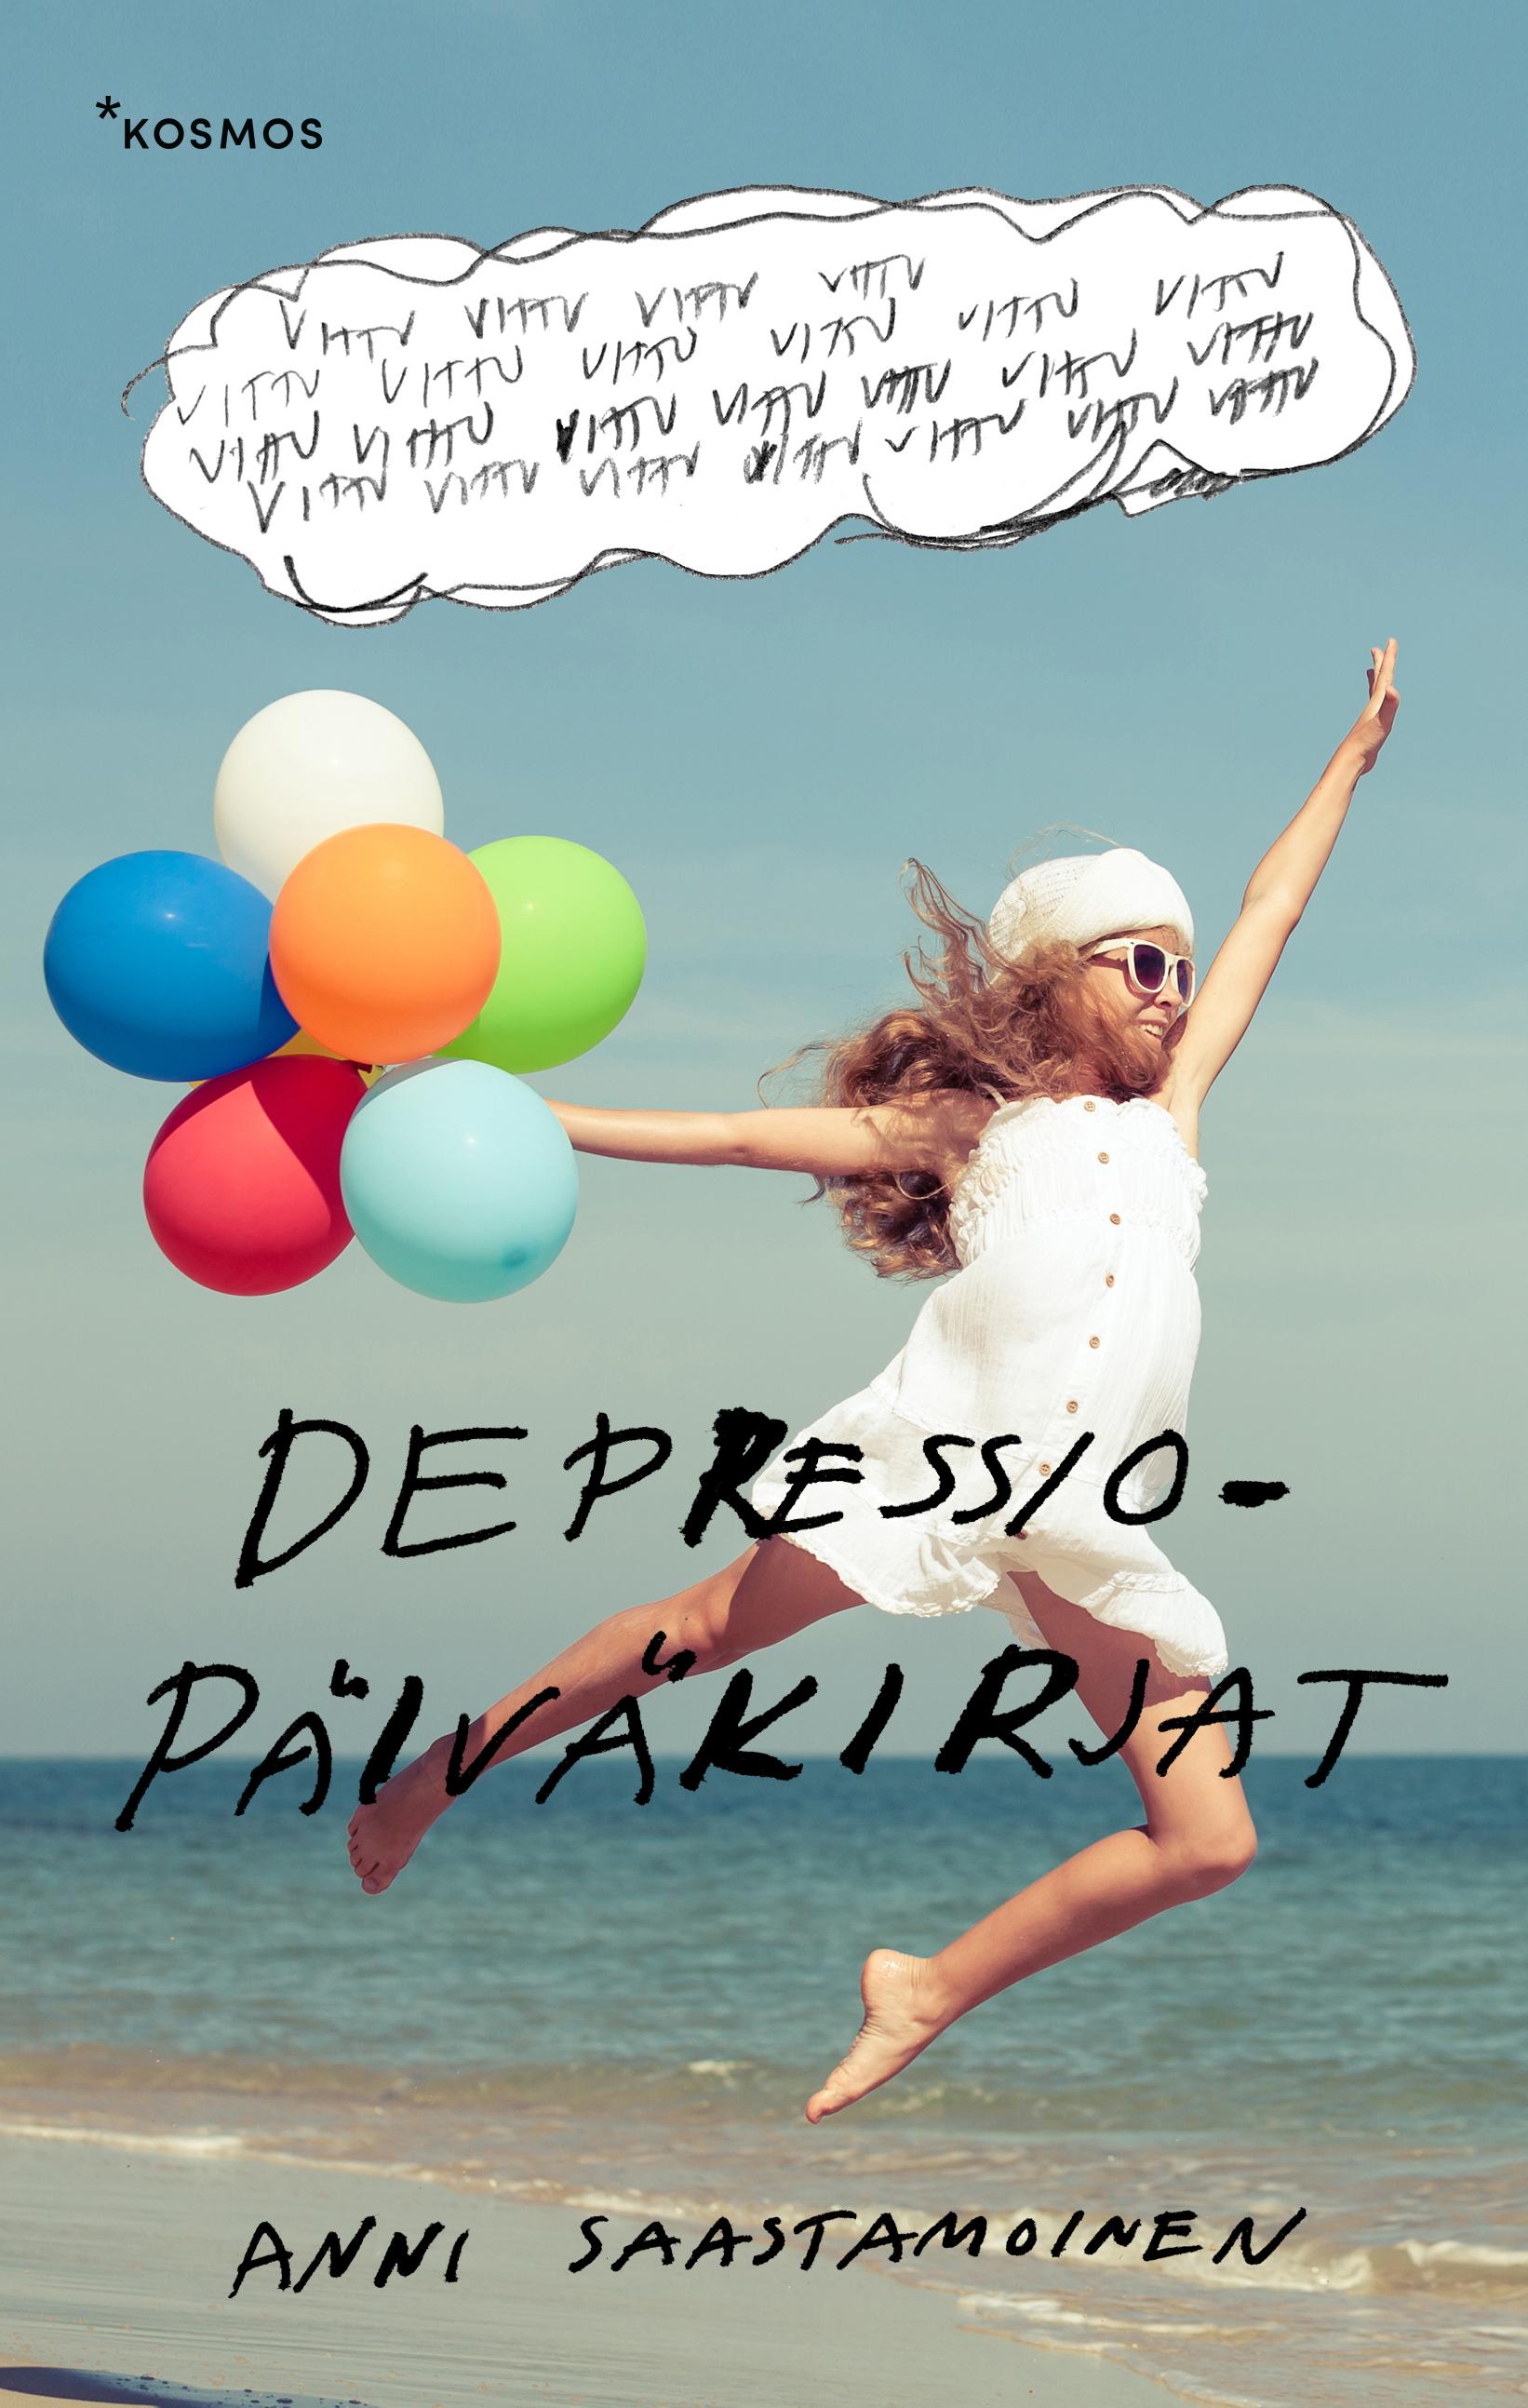 Anni_Saastamoinen_Depressiopaivakirjat(2).jpg